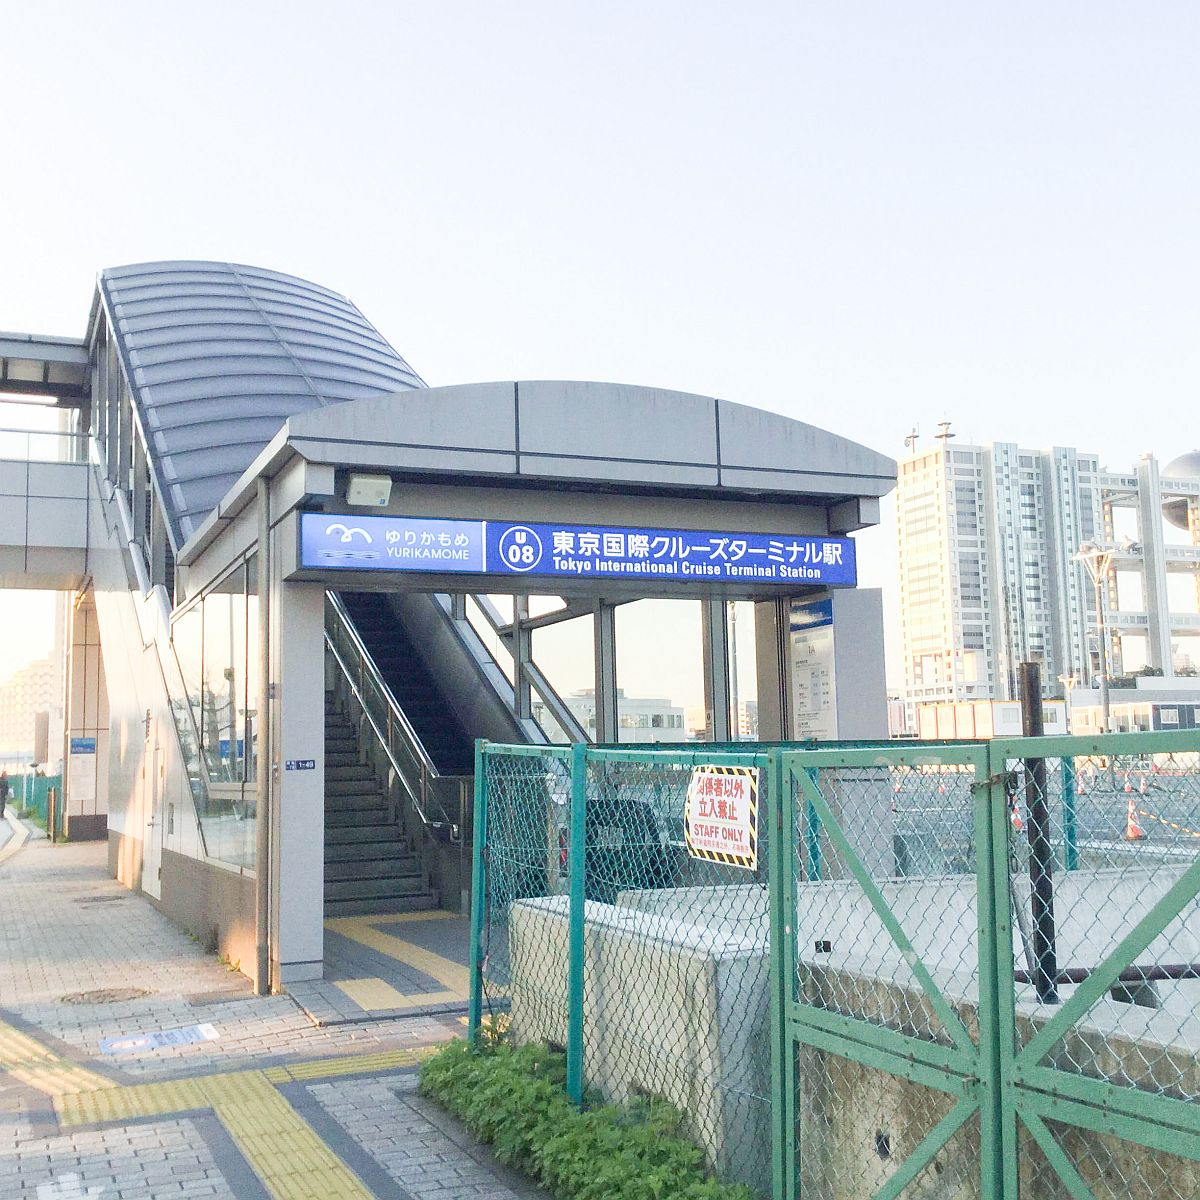 アイカサ ゆりかもめ 東京国際クルーズターミナル駅